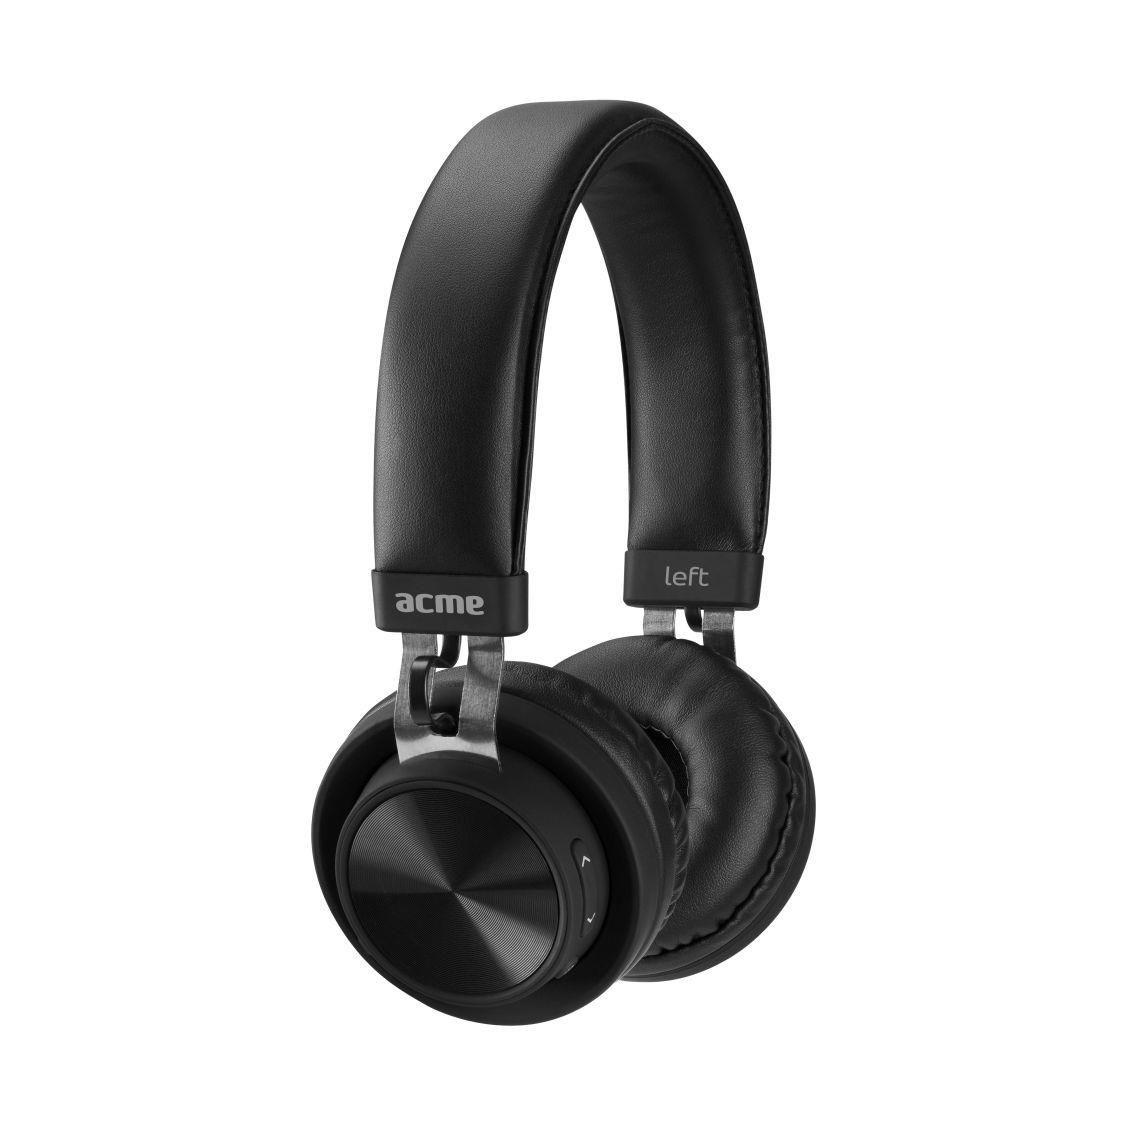 Acme Słuchawki z mikrofonem Bluetooth BH203 nauszne